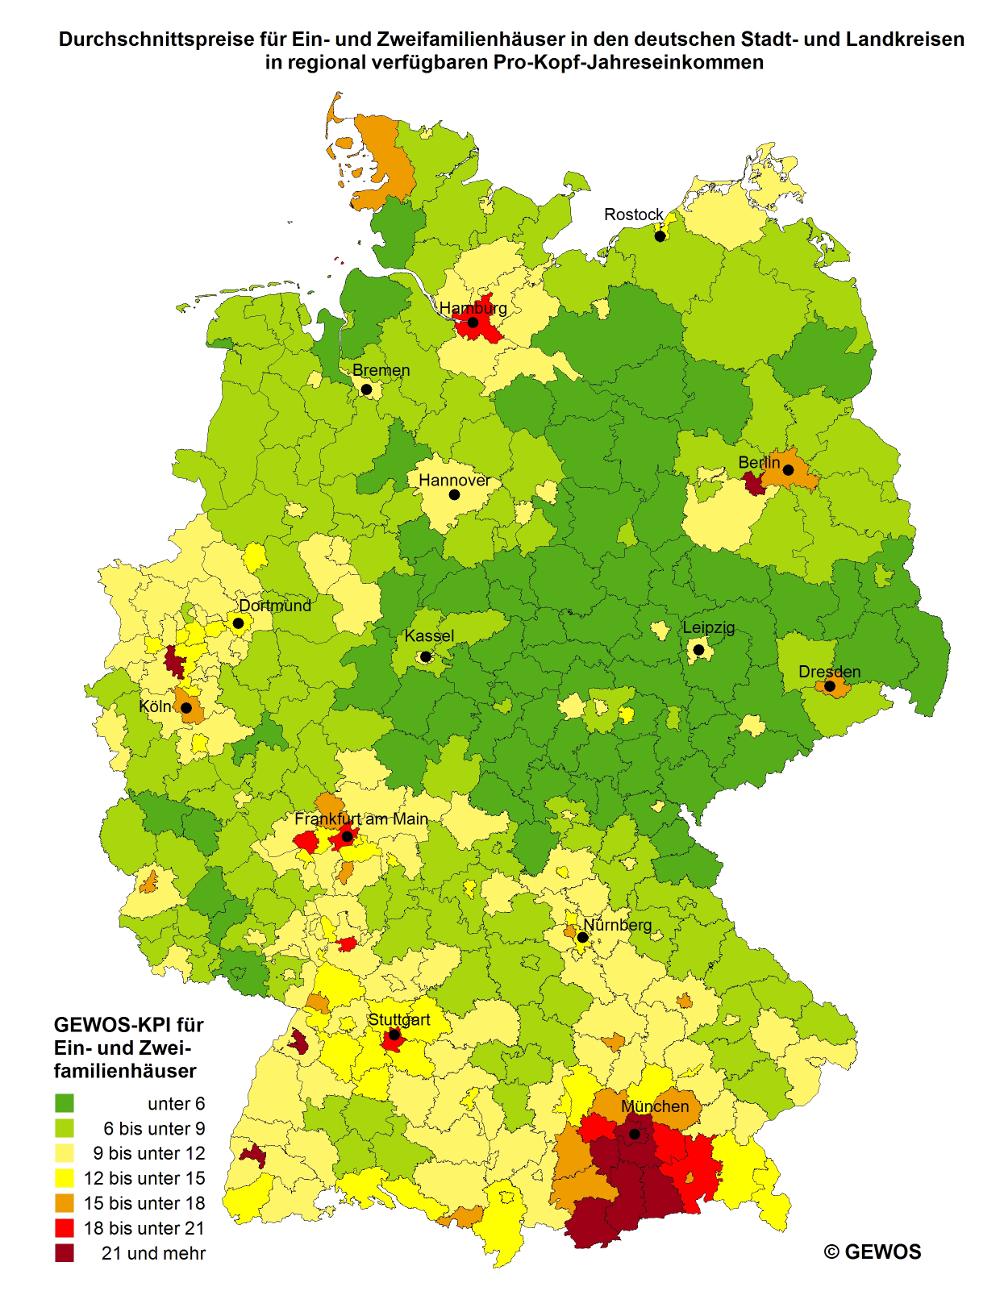 Deutschlandkarte mit farbigen Flächen je nach benötigten Jahreseinkommen um damit ein Haus zu kaufen